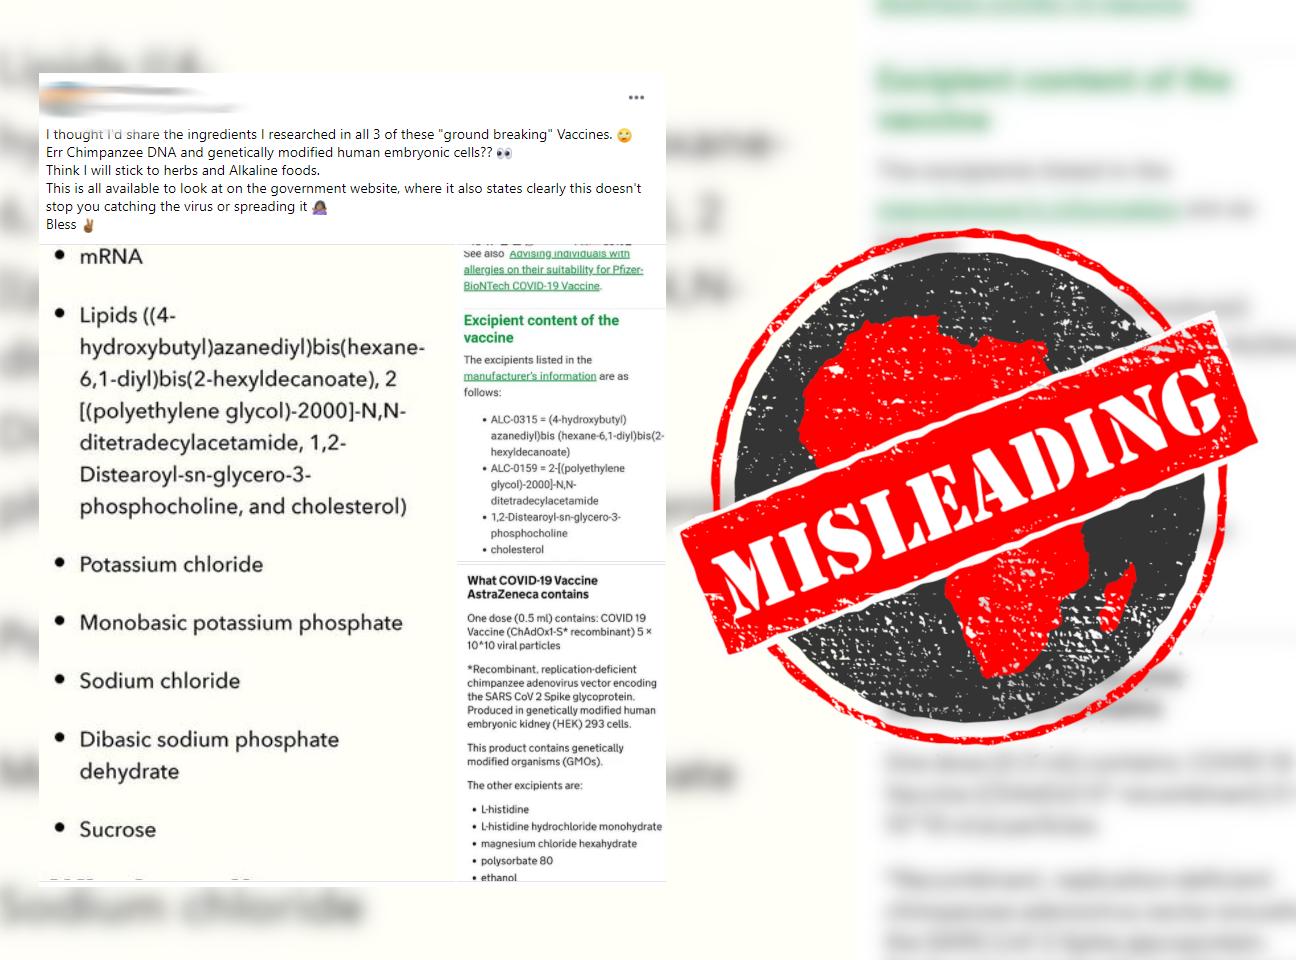 Vaccine_Misleading